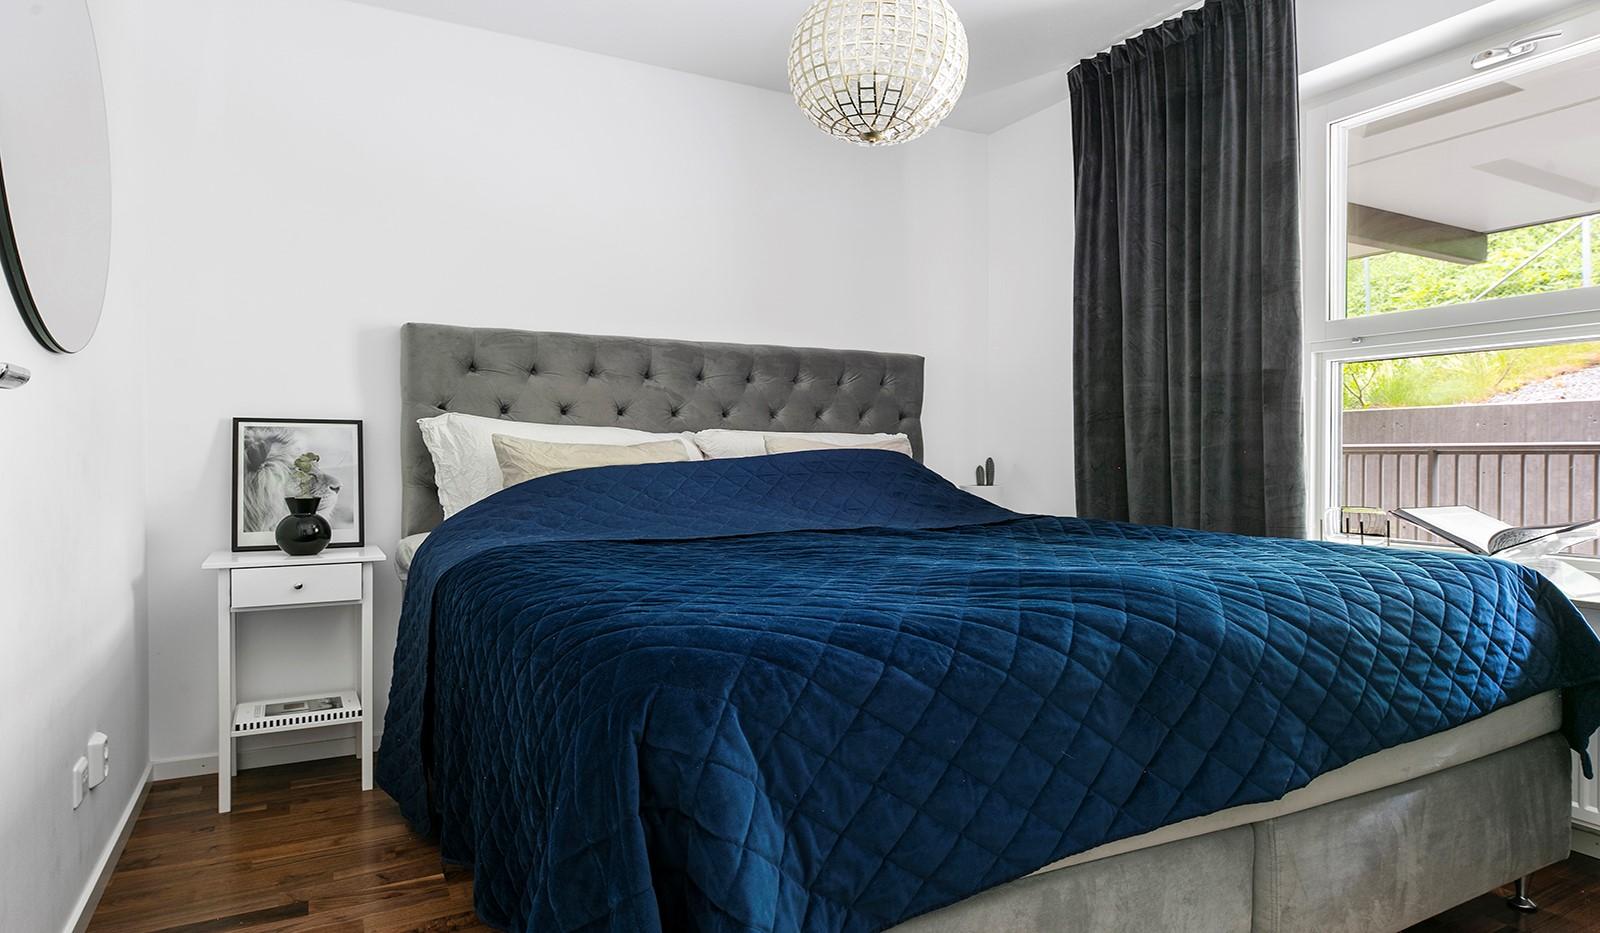 Sjöviksvägen 114, 3 tr - Ljust och trivsamt sovrum med plats för dubbelsäng